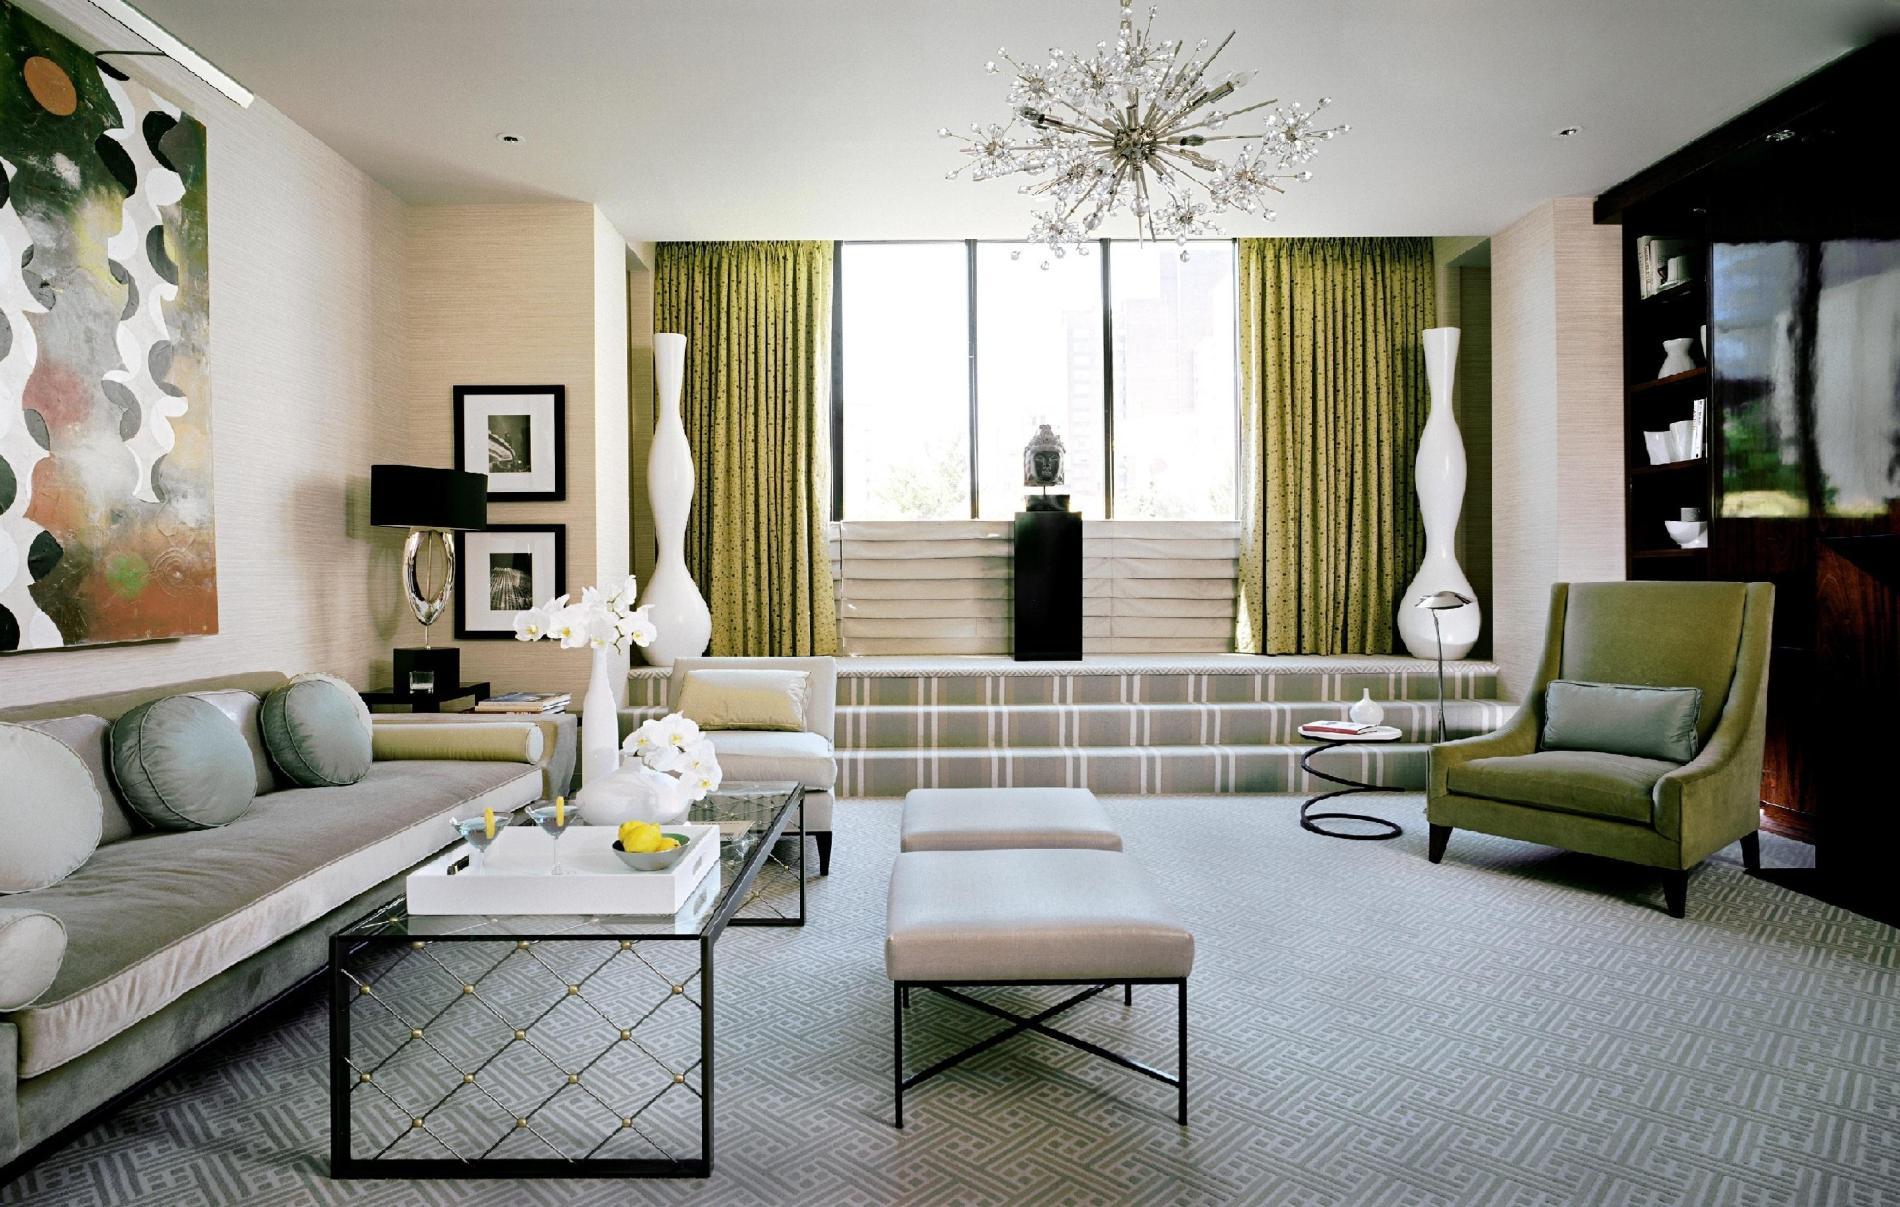 Зеленая и серая мебель в стиле арт-деко в гостиной